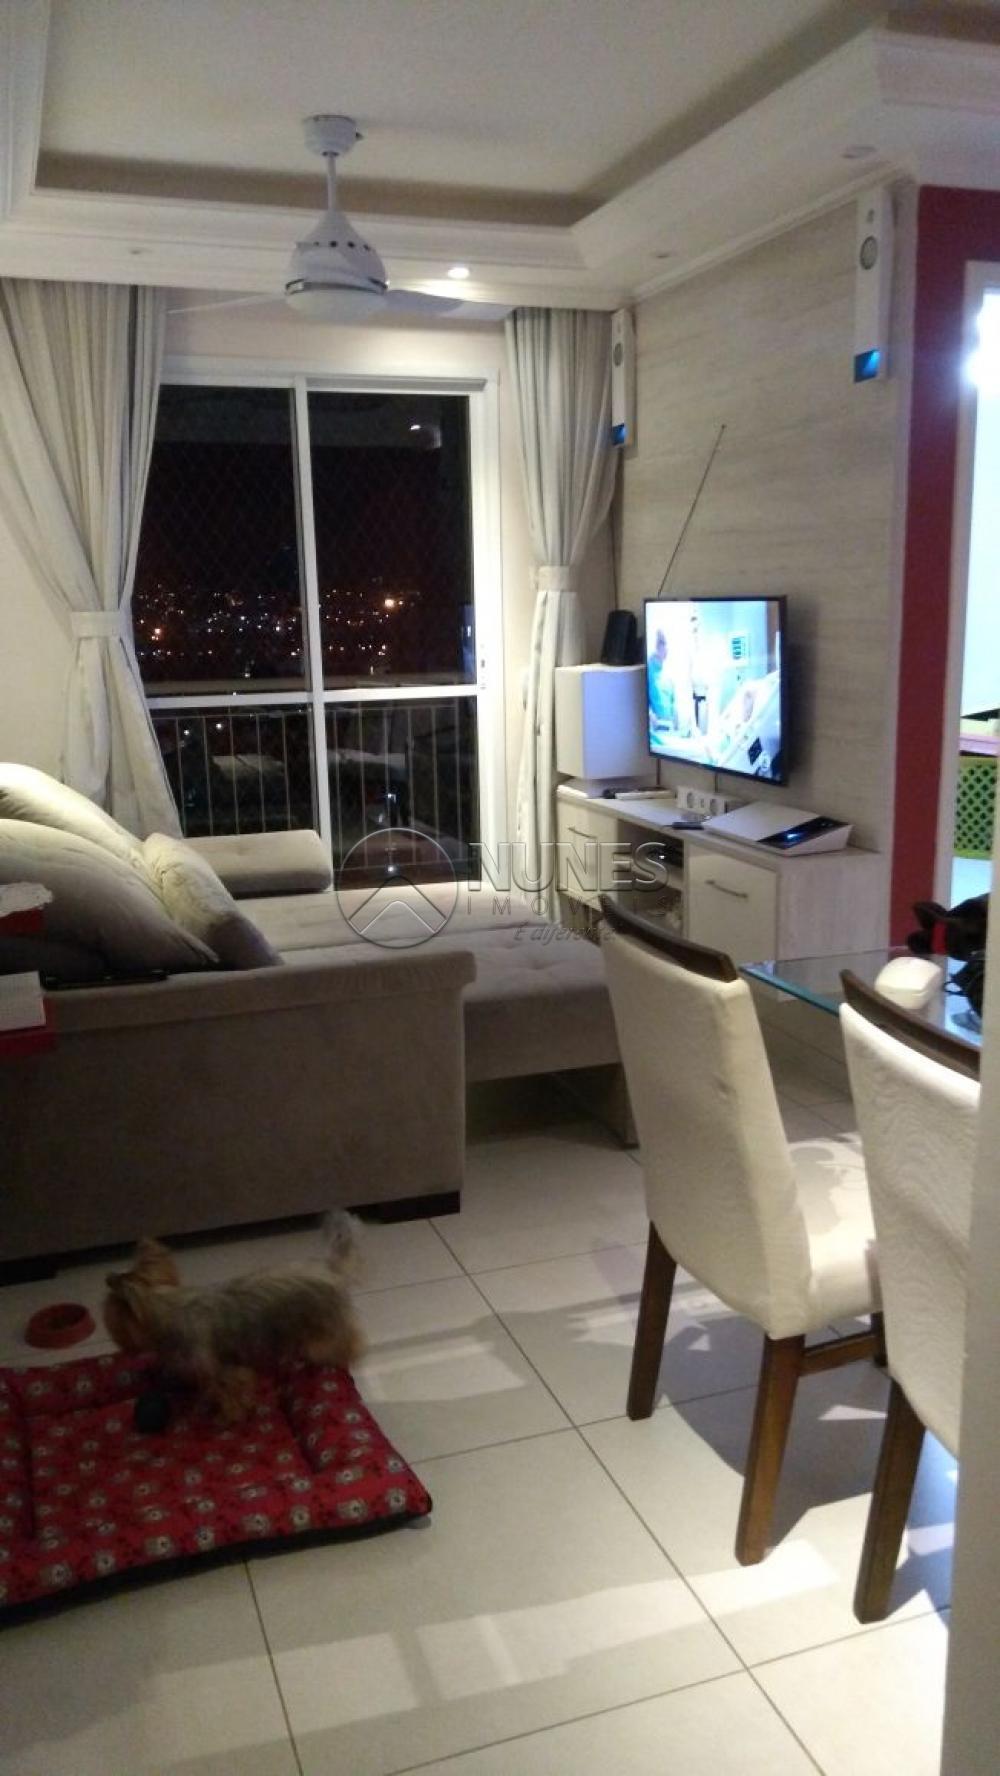 Comprar Apartamento / Apartamento em Osasco apenas R$ 350.000,00 - Foto 1